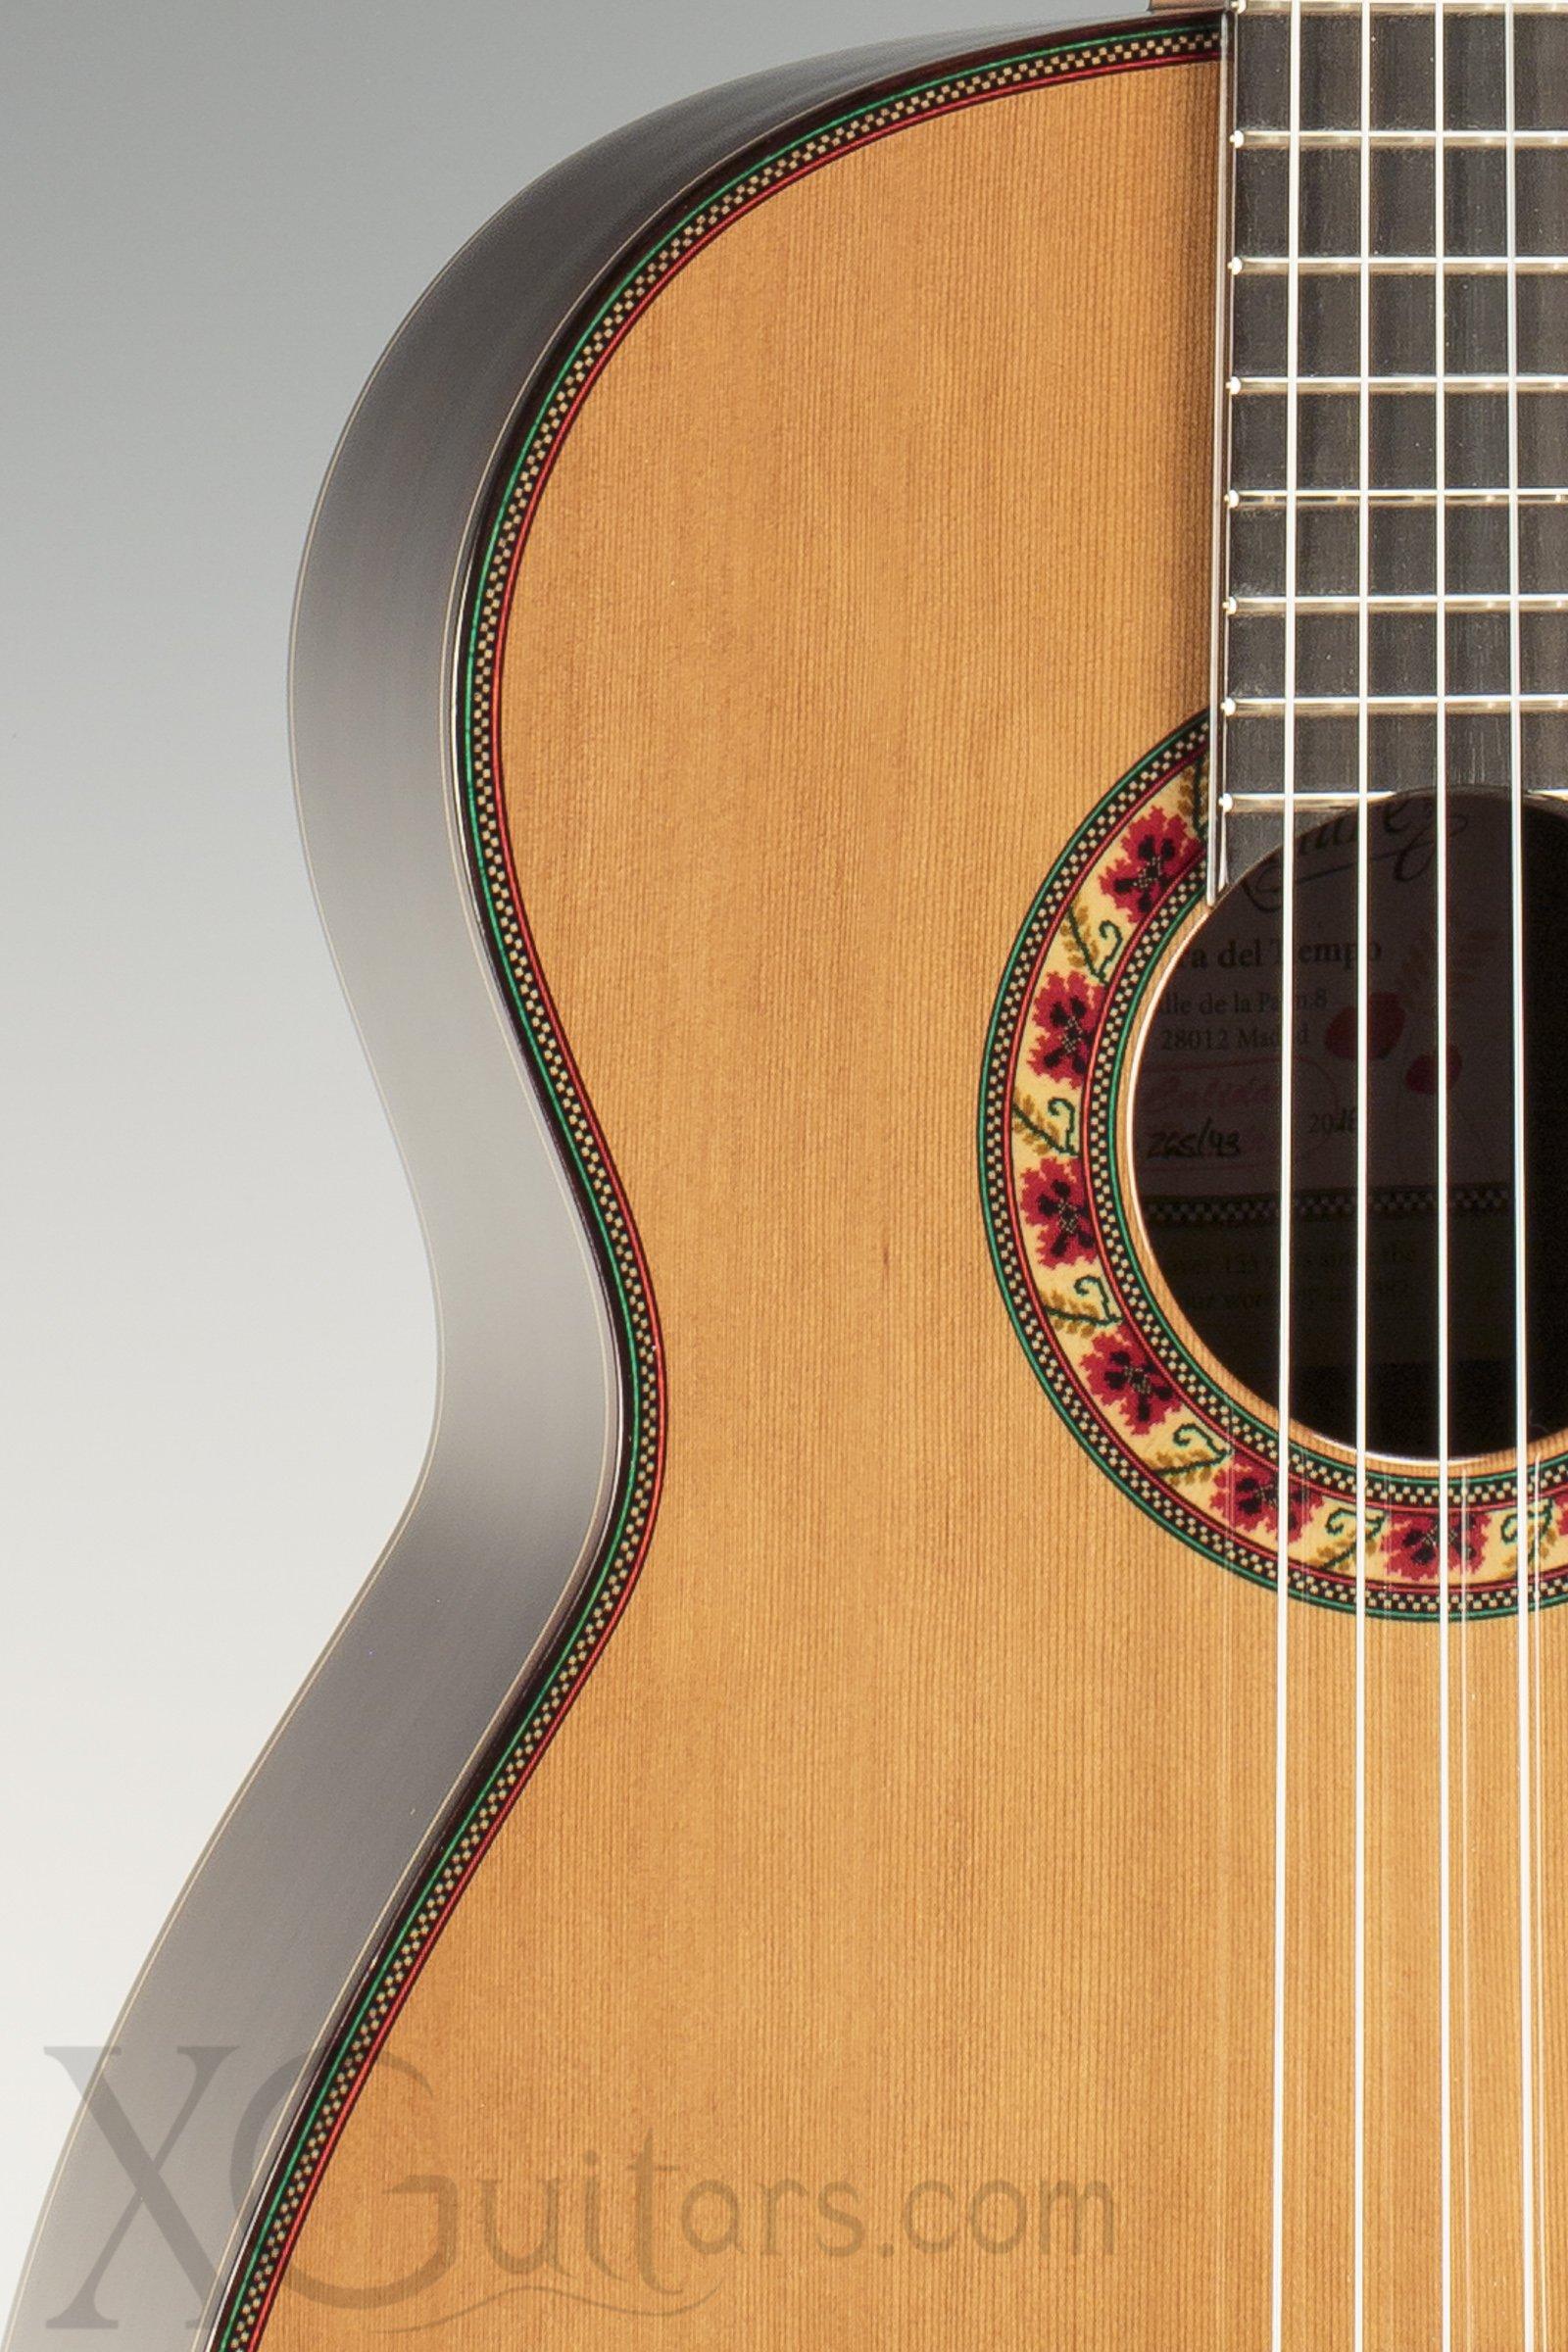 Ramirez Guitarra Del Tiempo Cedar Classical Guitar Xguitars Classical Guitar Guitar Tuners Guitar Photos